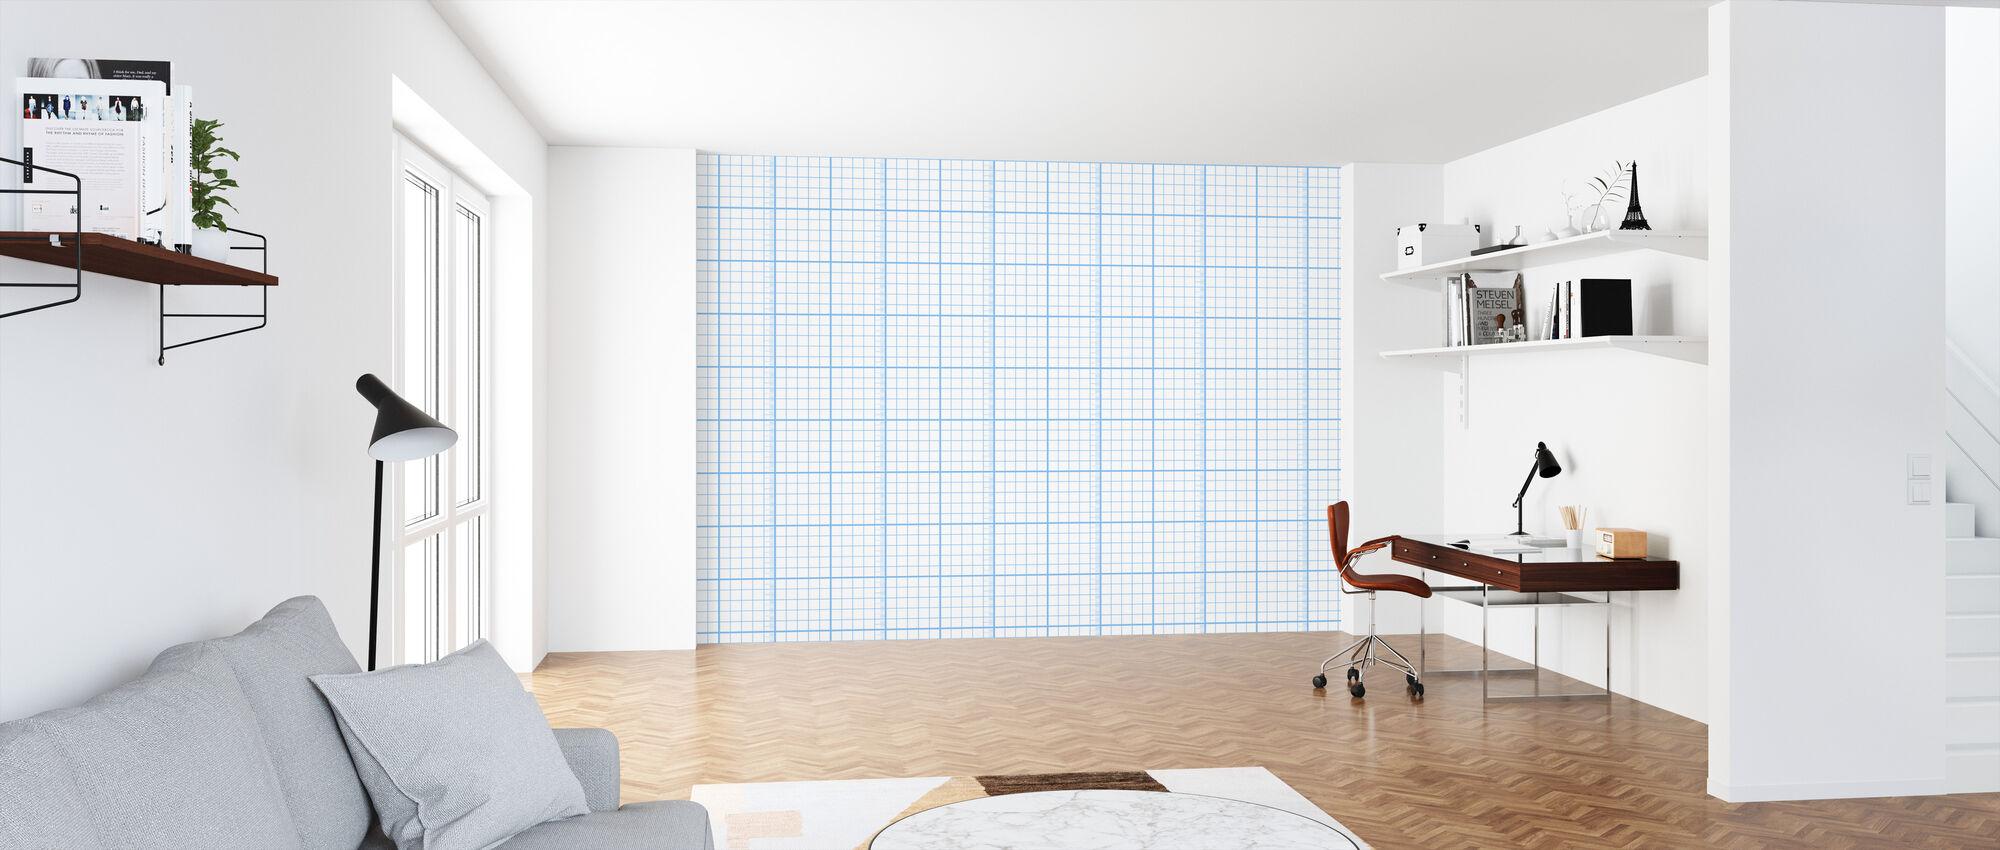 Kubik - Blue - Wallpaper - Office